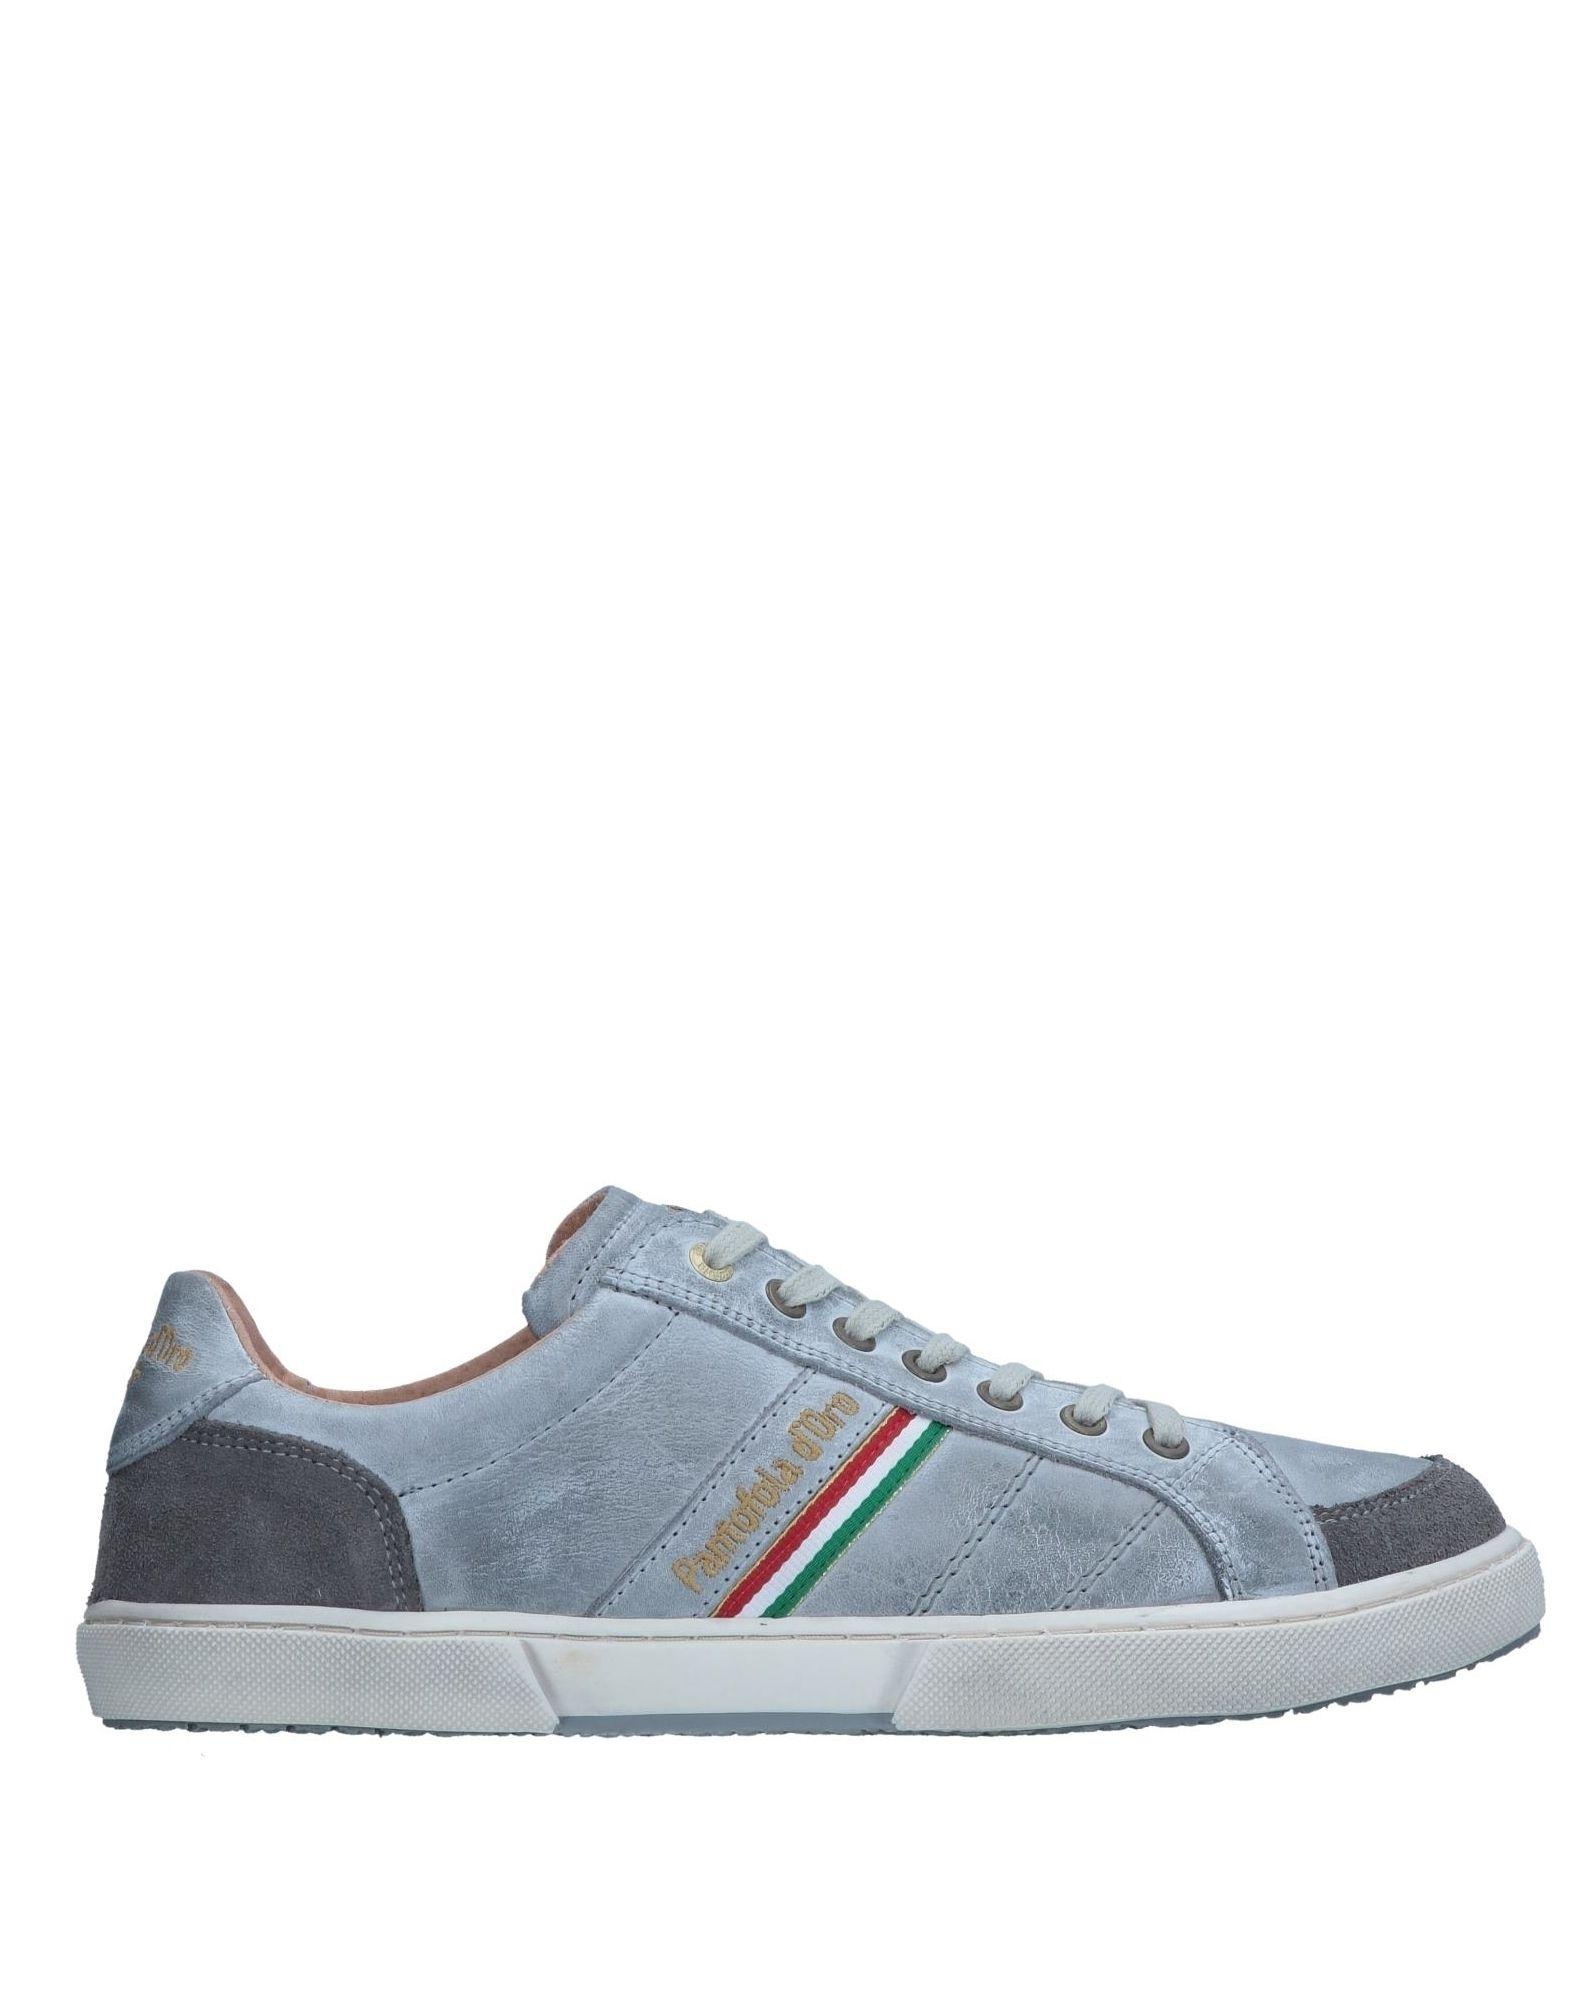 Rabatt echte Schuhe Pantofola D'oro Sneakers Herren  11545509OL